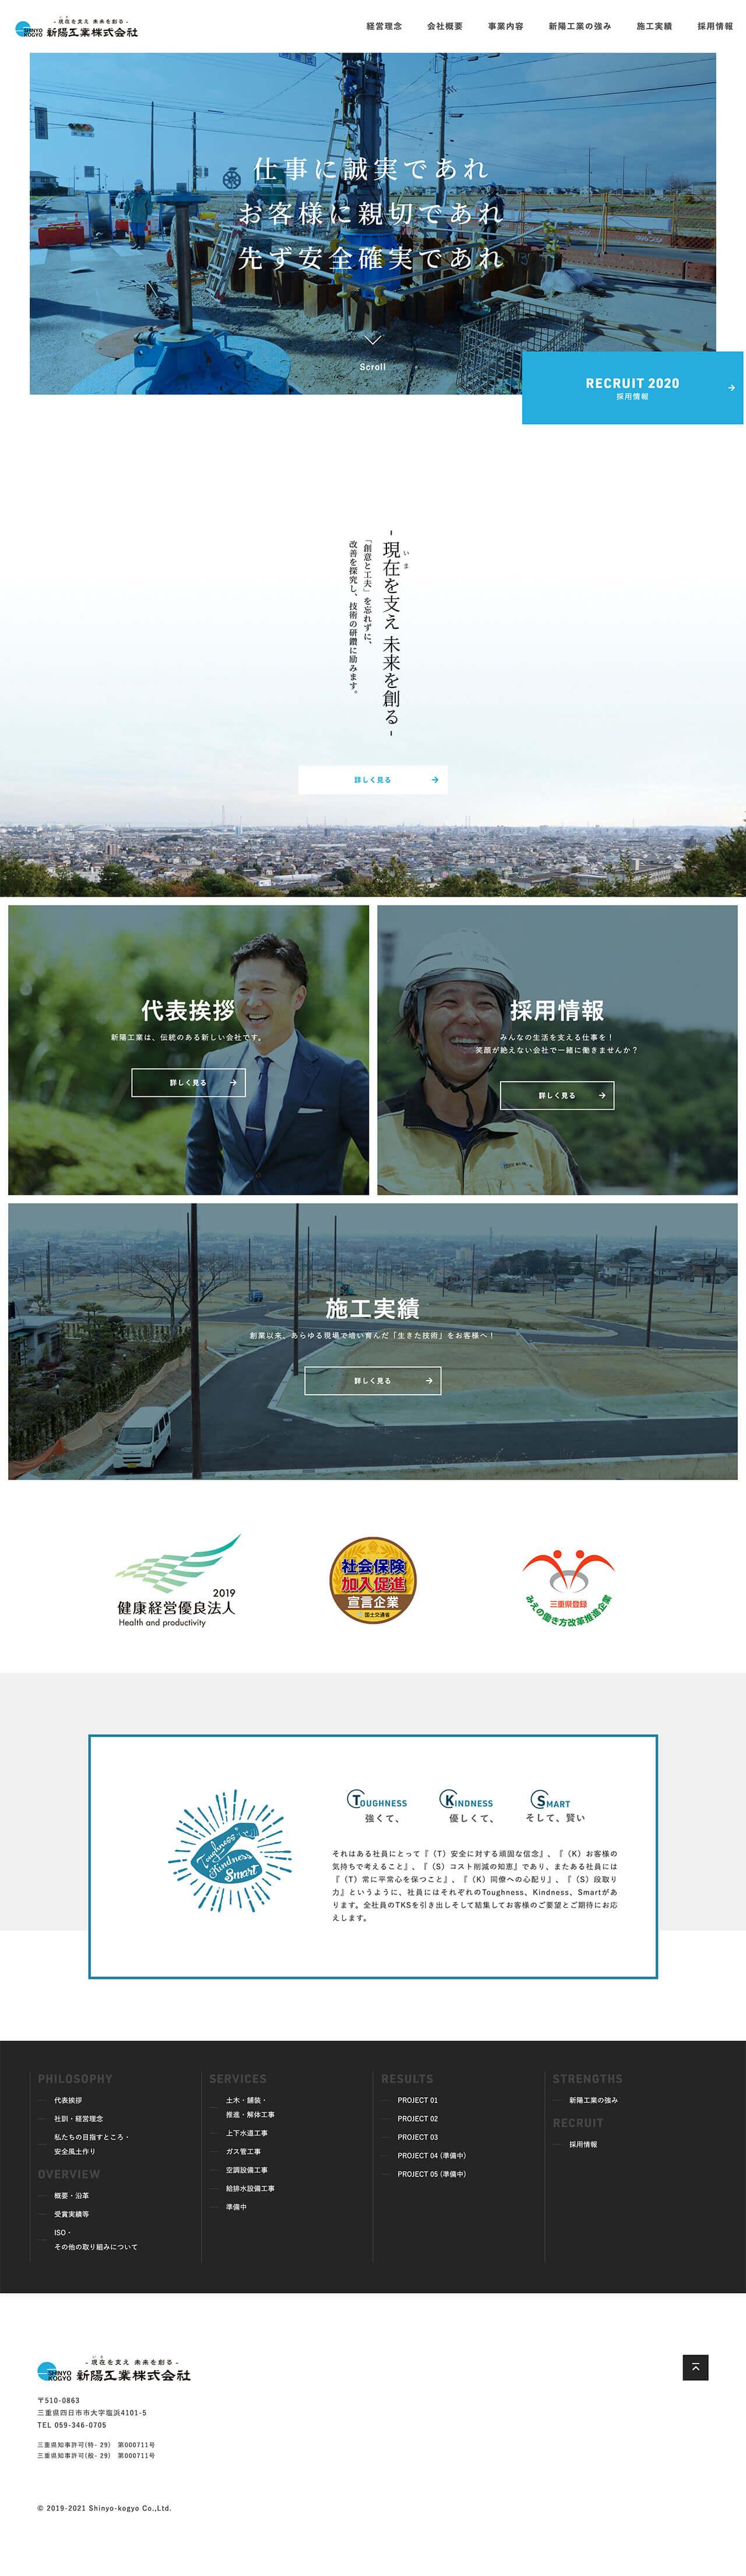 新陽工業株式会社様 web